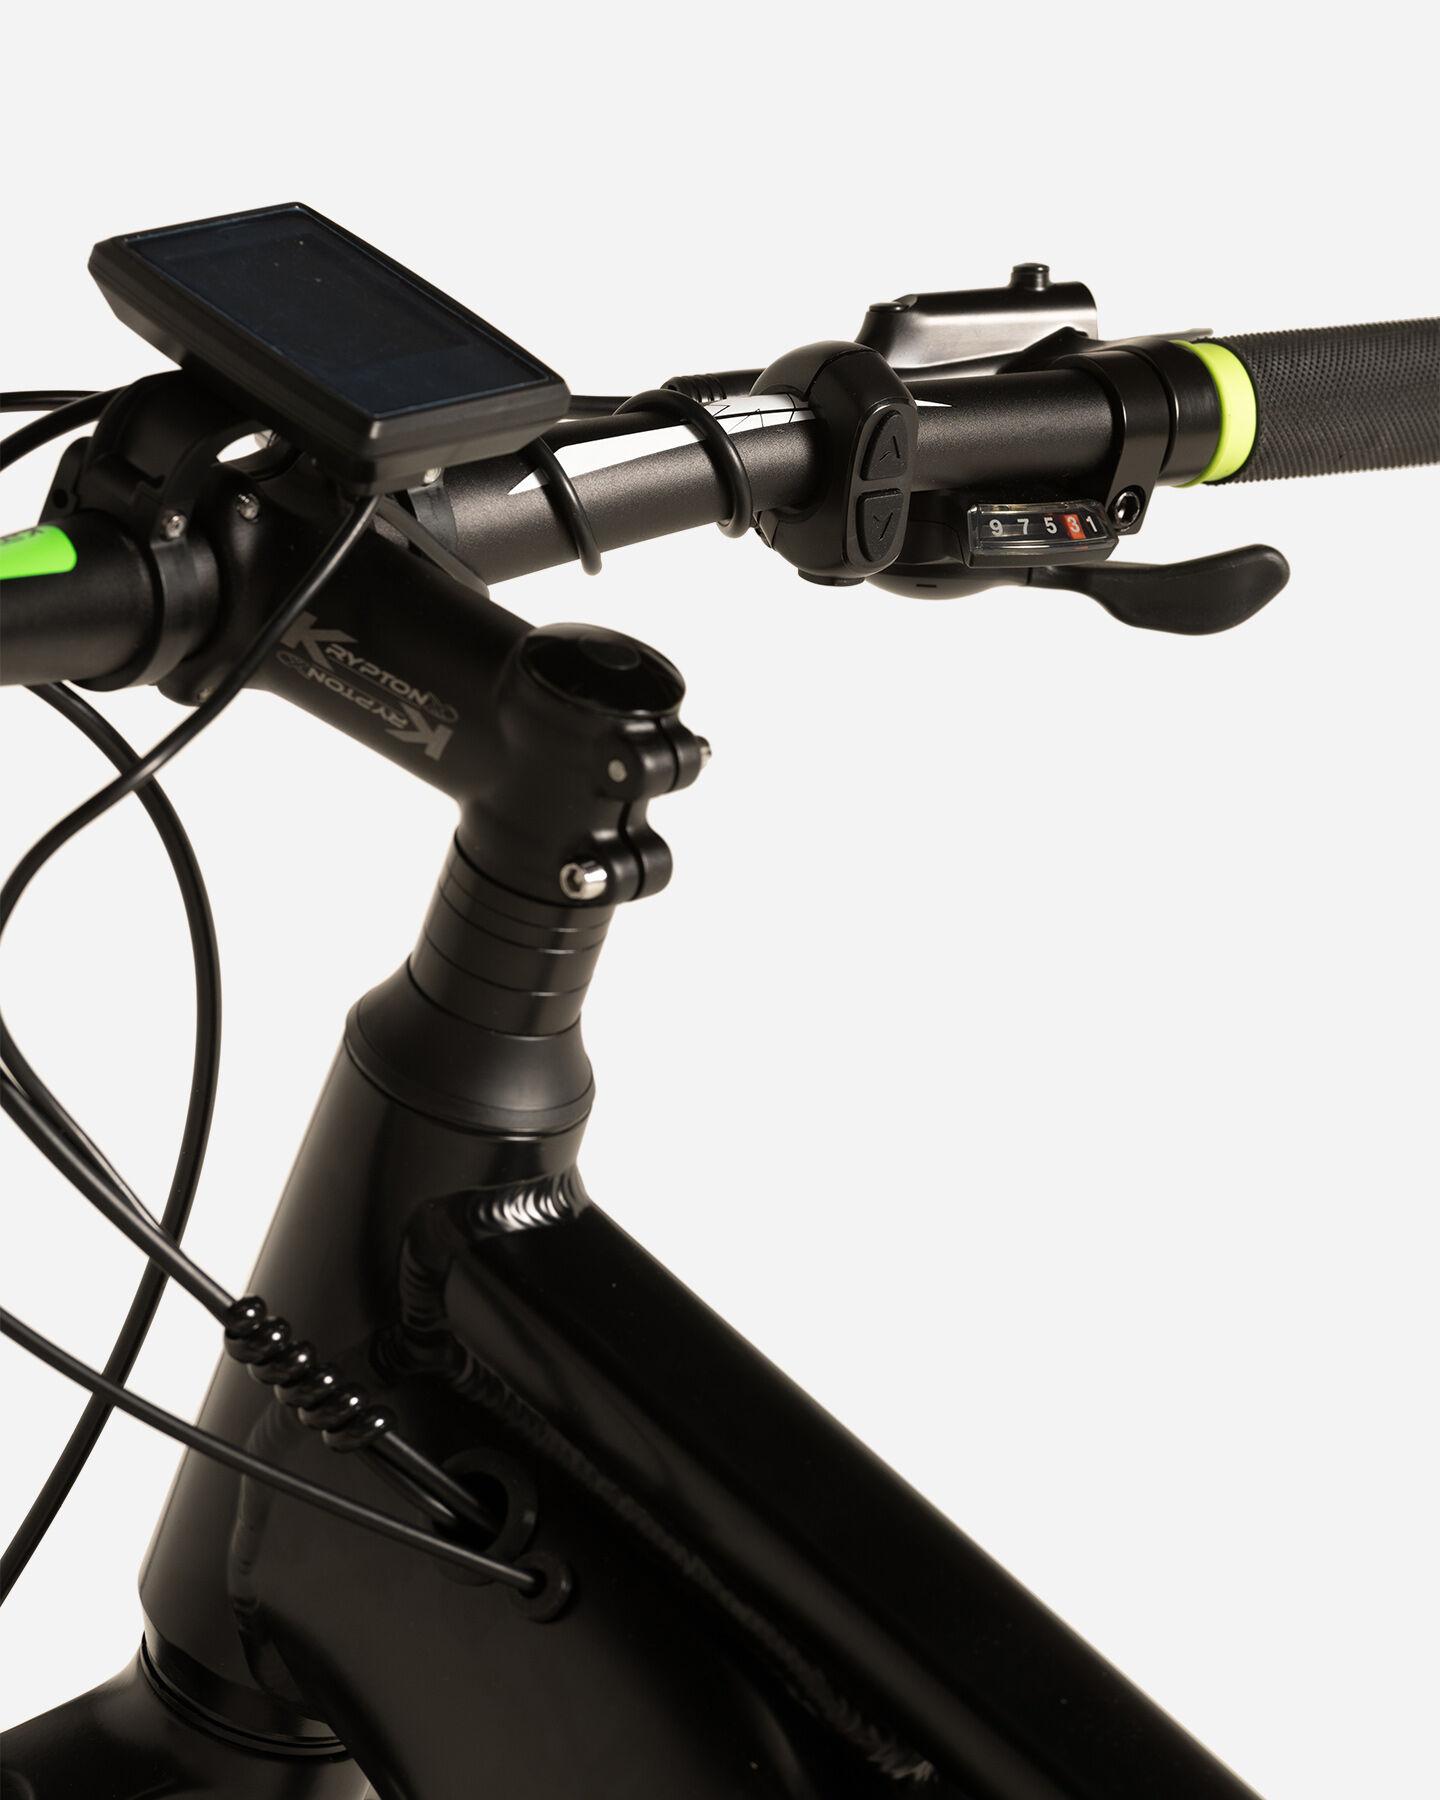 Bici elettrica CARNIELLI E- BIKE 9.4 S4098569 1 18 scatto 1